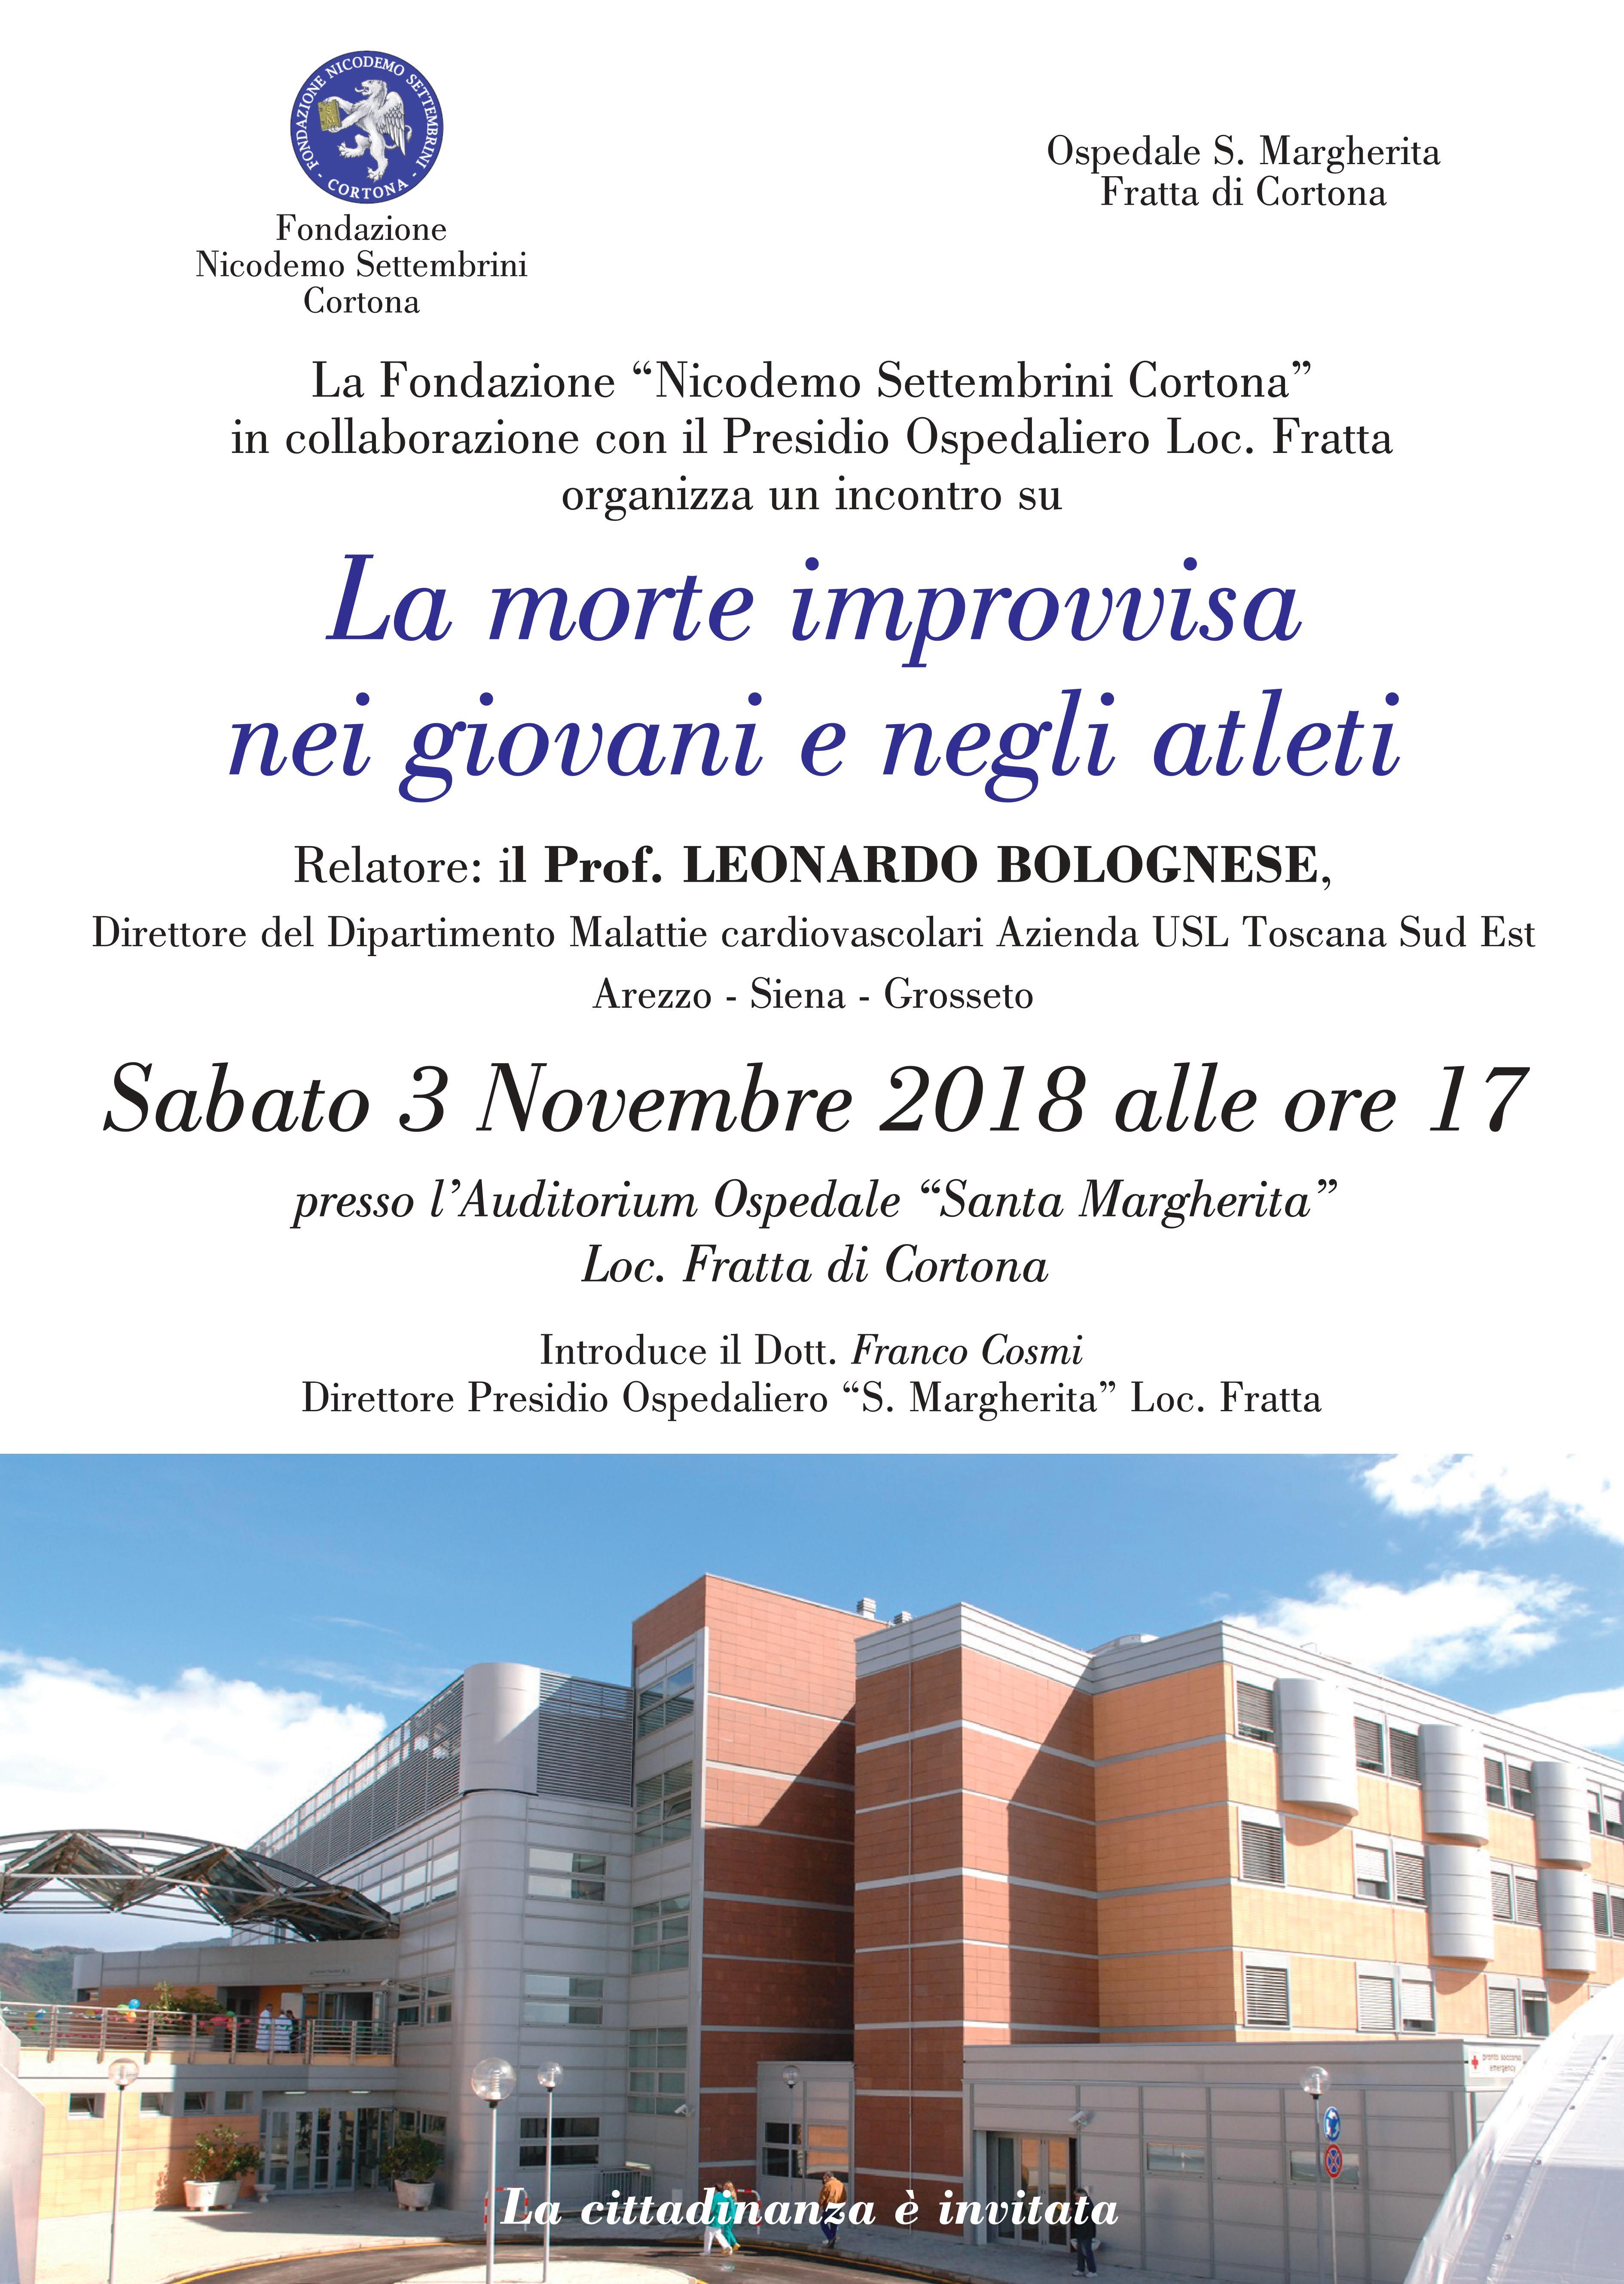 Incontro col Prof. Bolognese all'Ospedale di Fratta, lo promuove la Fondazione Settembrini